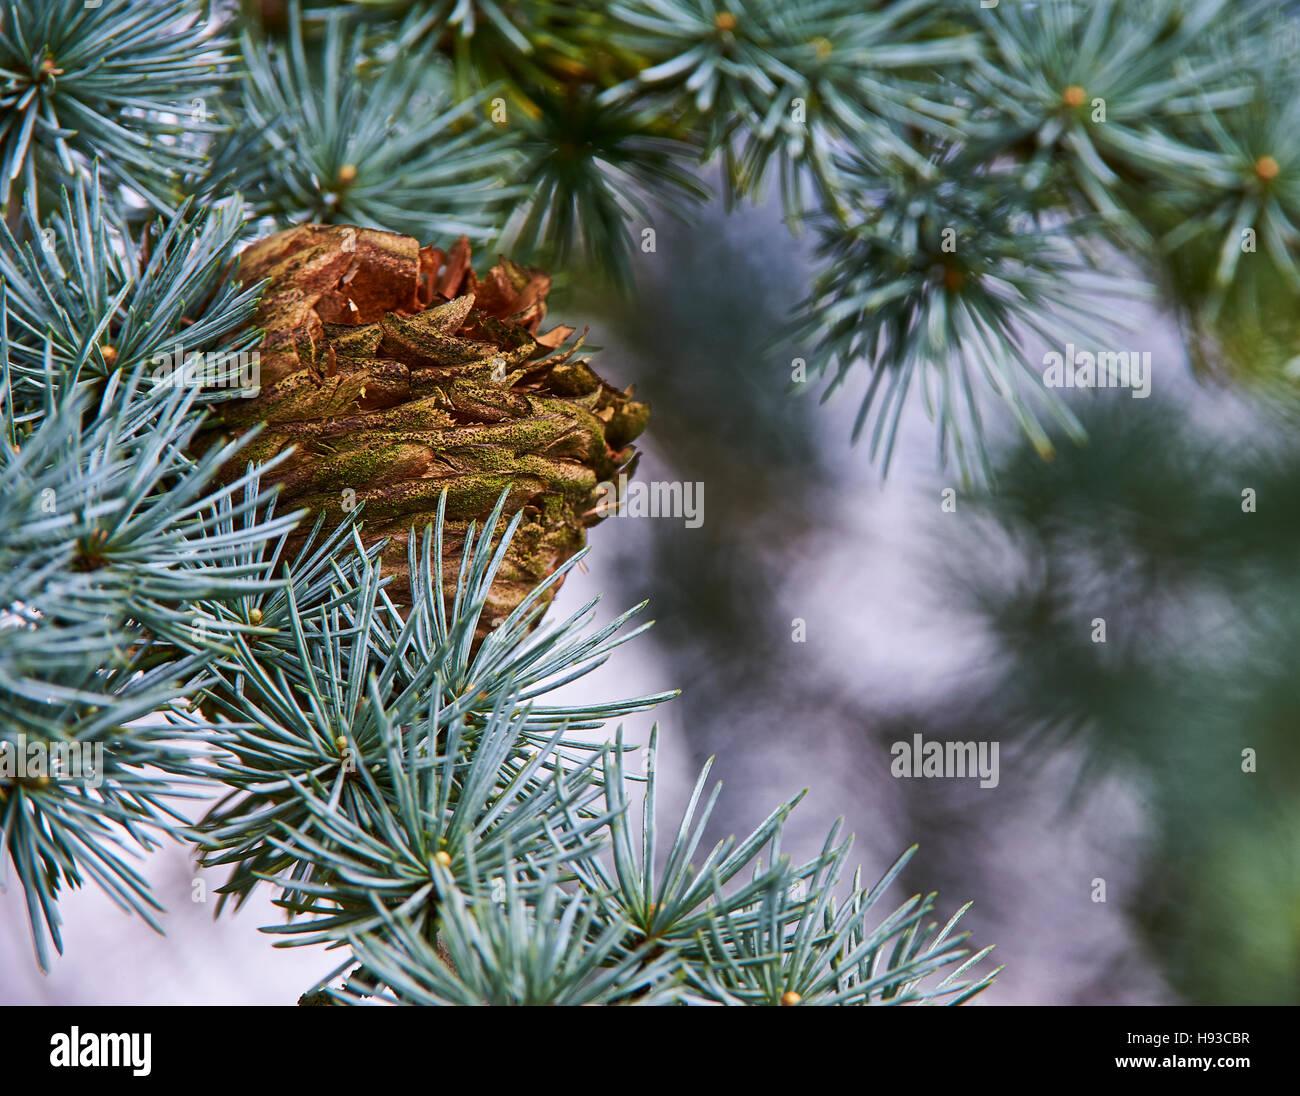 A spent fir cone of an Atlas Cedar - Stock Image